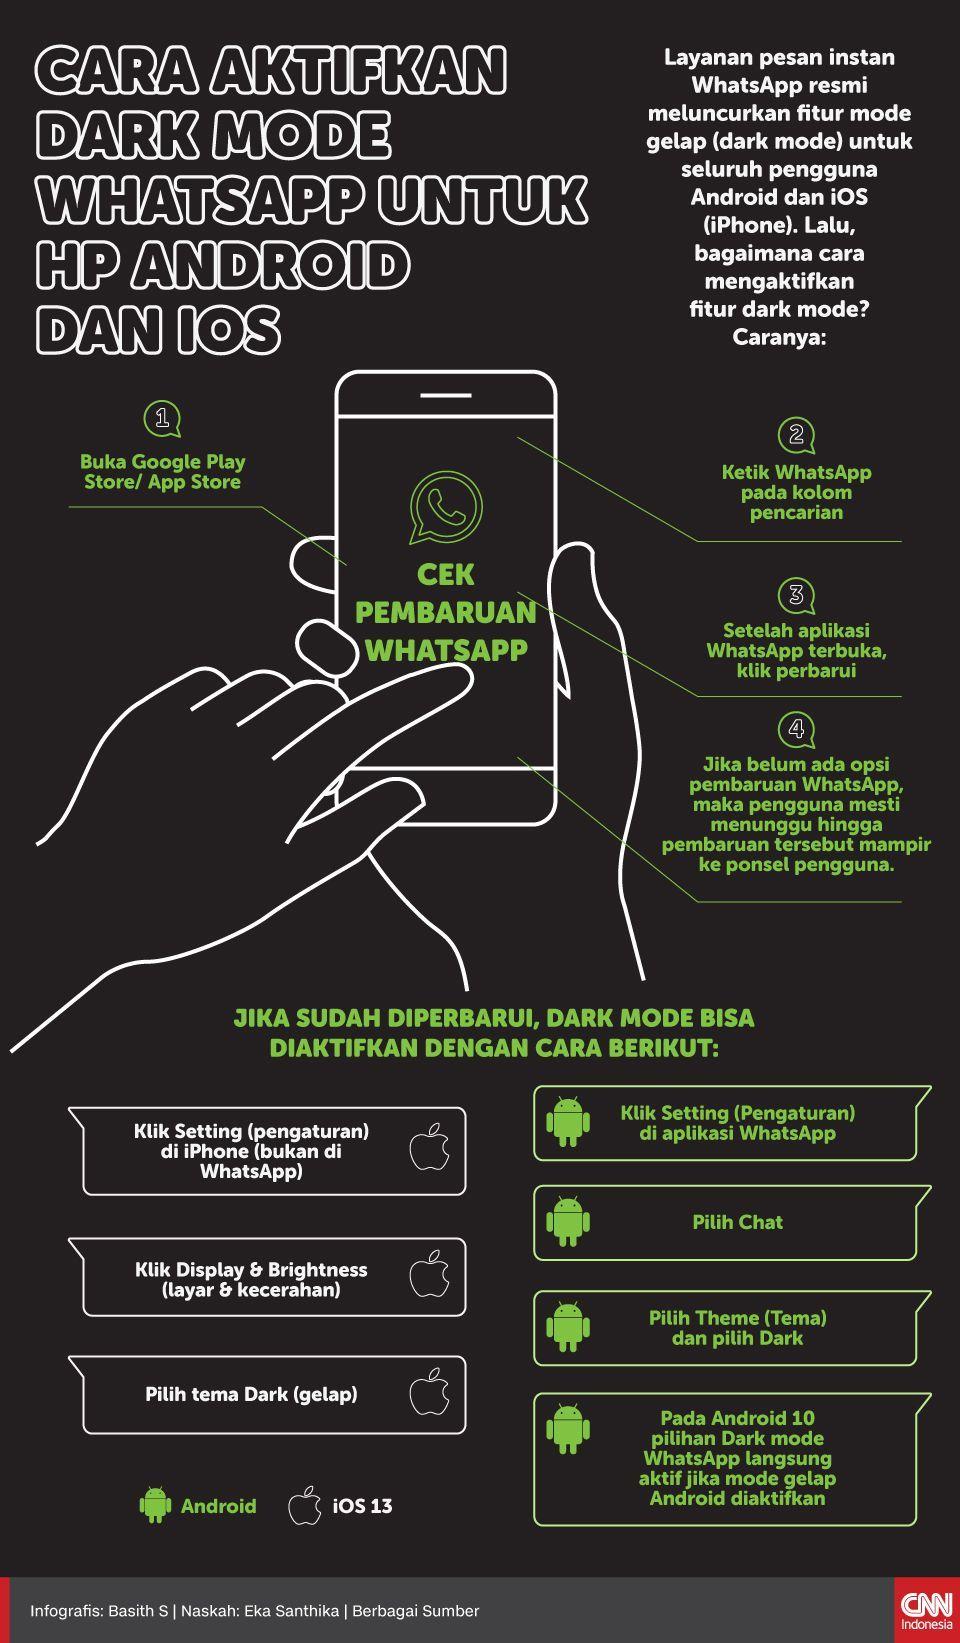 Infografis Cara Aktifkan Dark Mode WhatsApp untuk HP Android dan iOS